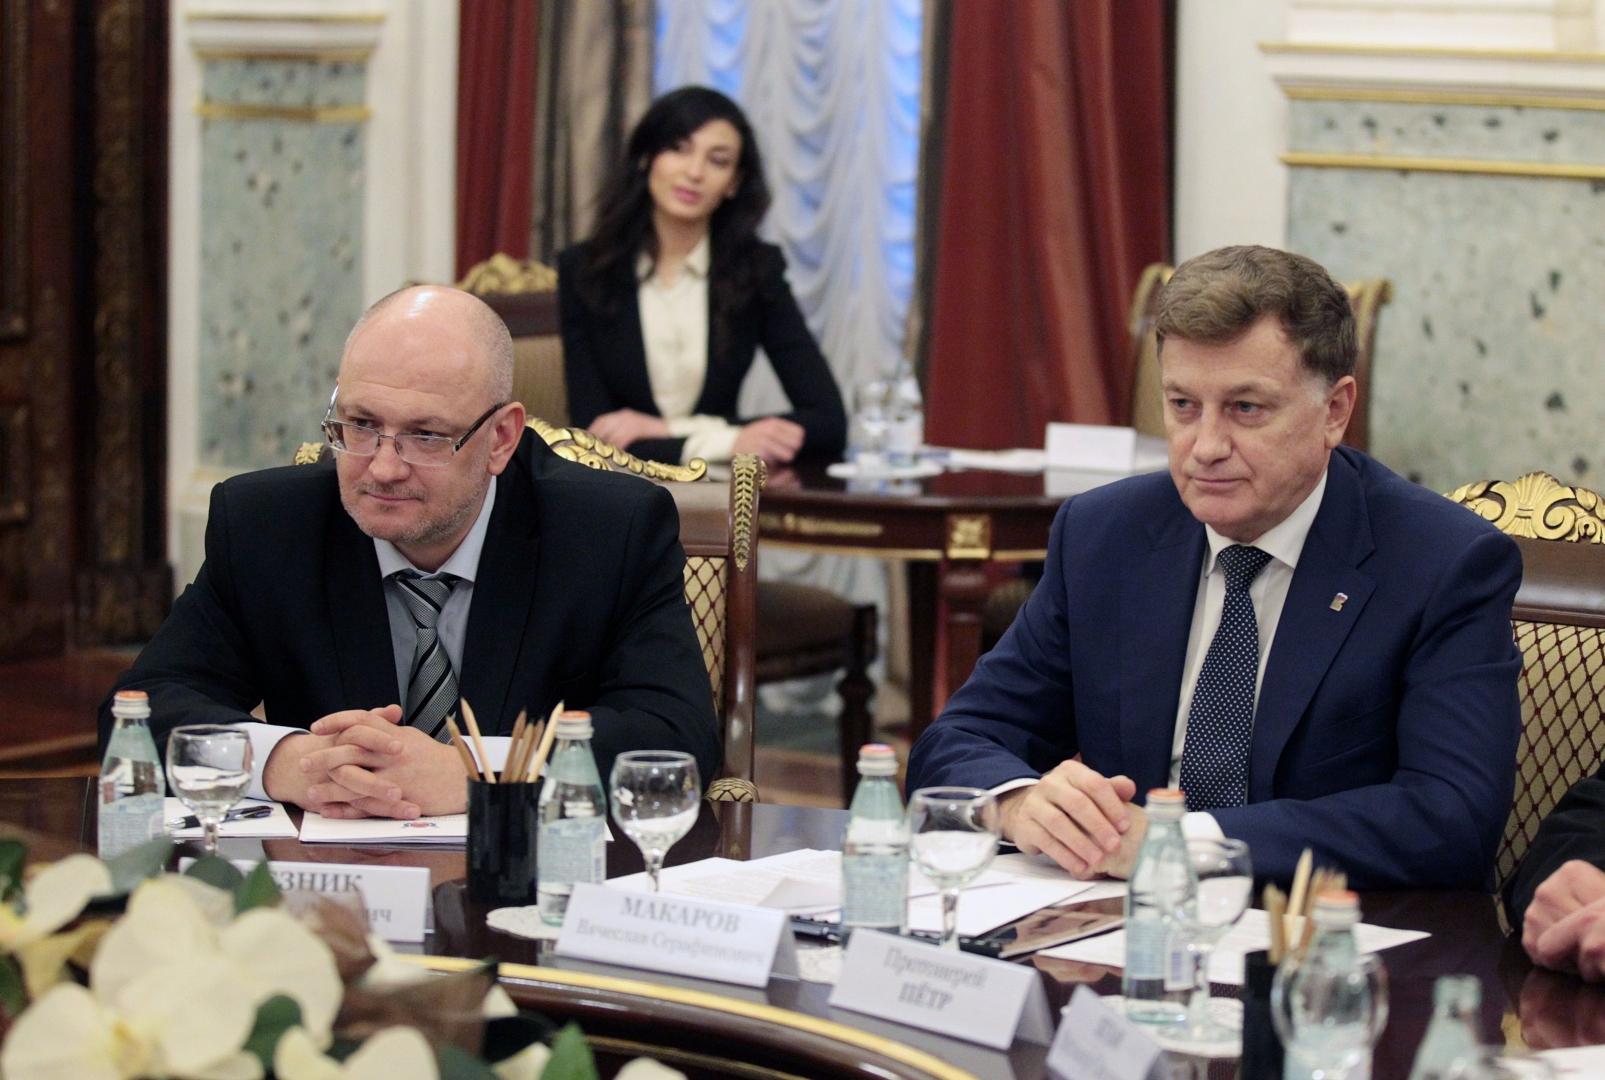 Наркоман и мошенник пытаются переизбраться в петербургский парламент